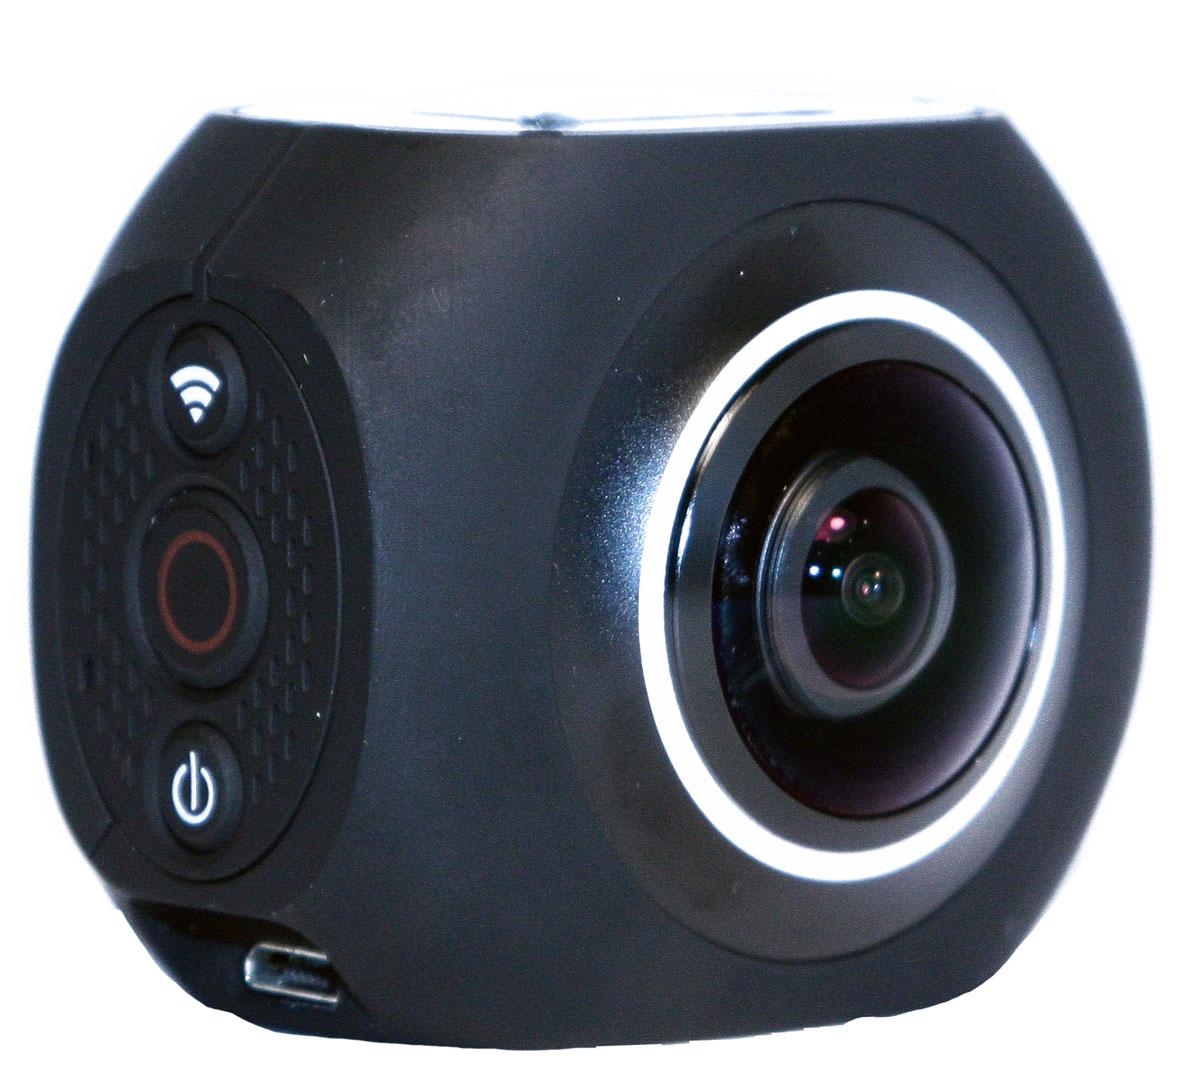 X-Try XTC360 FullHD + Remote цифровая экшн-камераXTC360Экшн-камера X-TRY XTC360 с панорамной съемкой в 360 градусов и поддержкой видеозаписи в формате 4K15/ 2.7K25/ 960p30. Встроенный Wi-Fi позволяет соединять камеру со смартфоном для дистанционного управления и передачи снимков. Для удобства использование в комплекте есть беспроводной пульт и тренога.